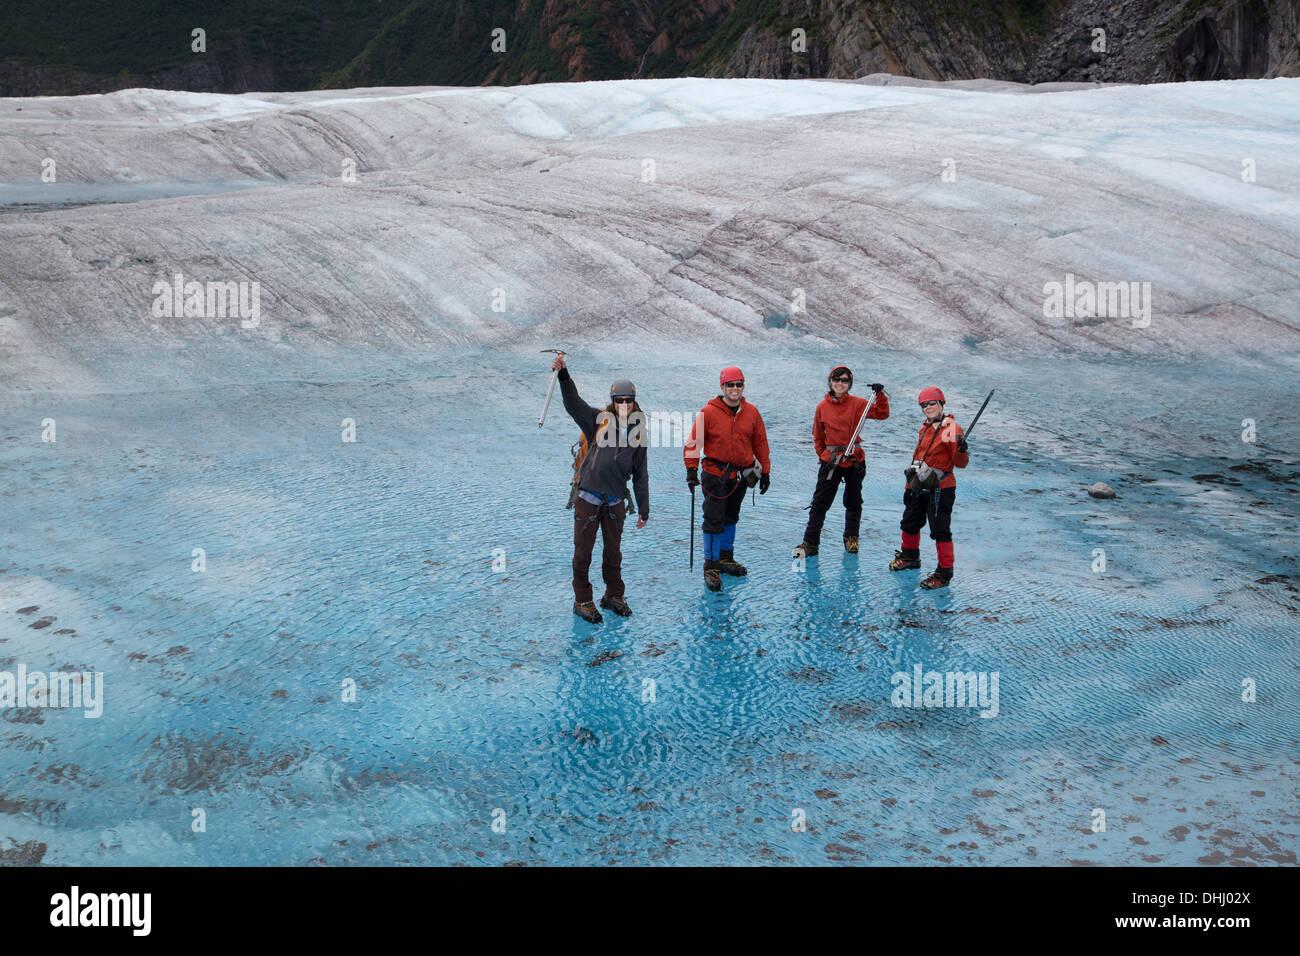 Four people standing on Mendenhall Glacier, Alaska, USA - Stock Image